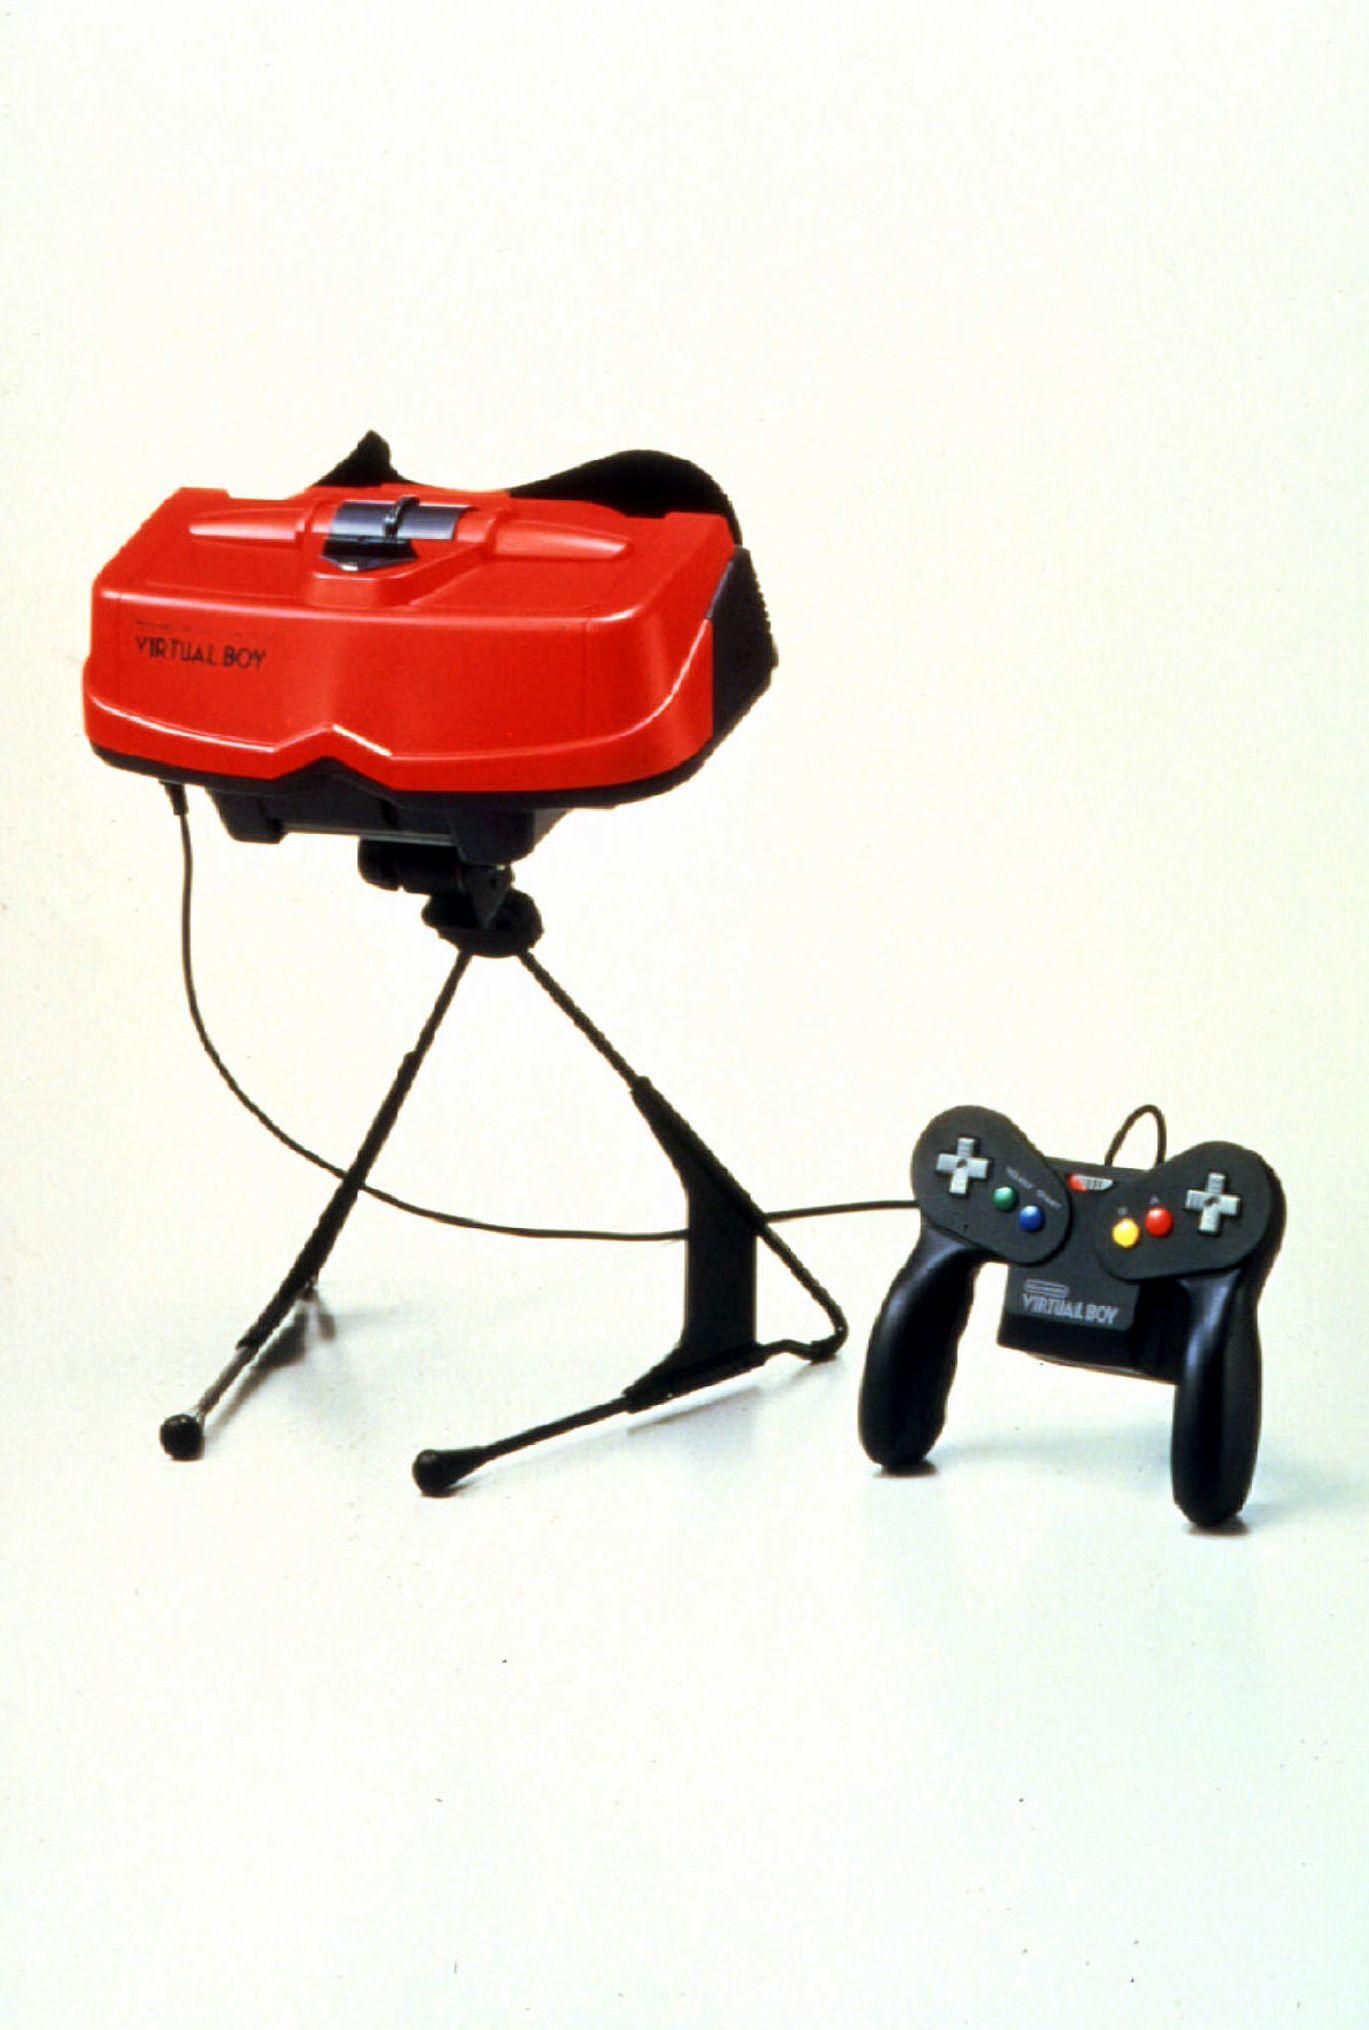 Virtual Boy / Nintendo